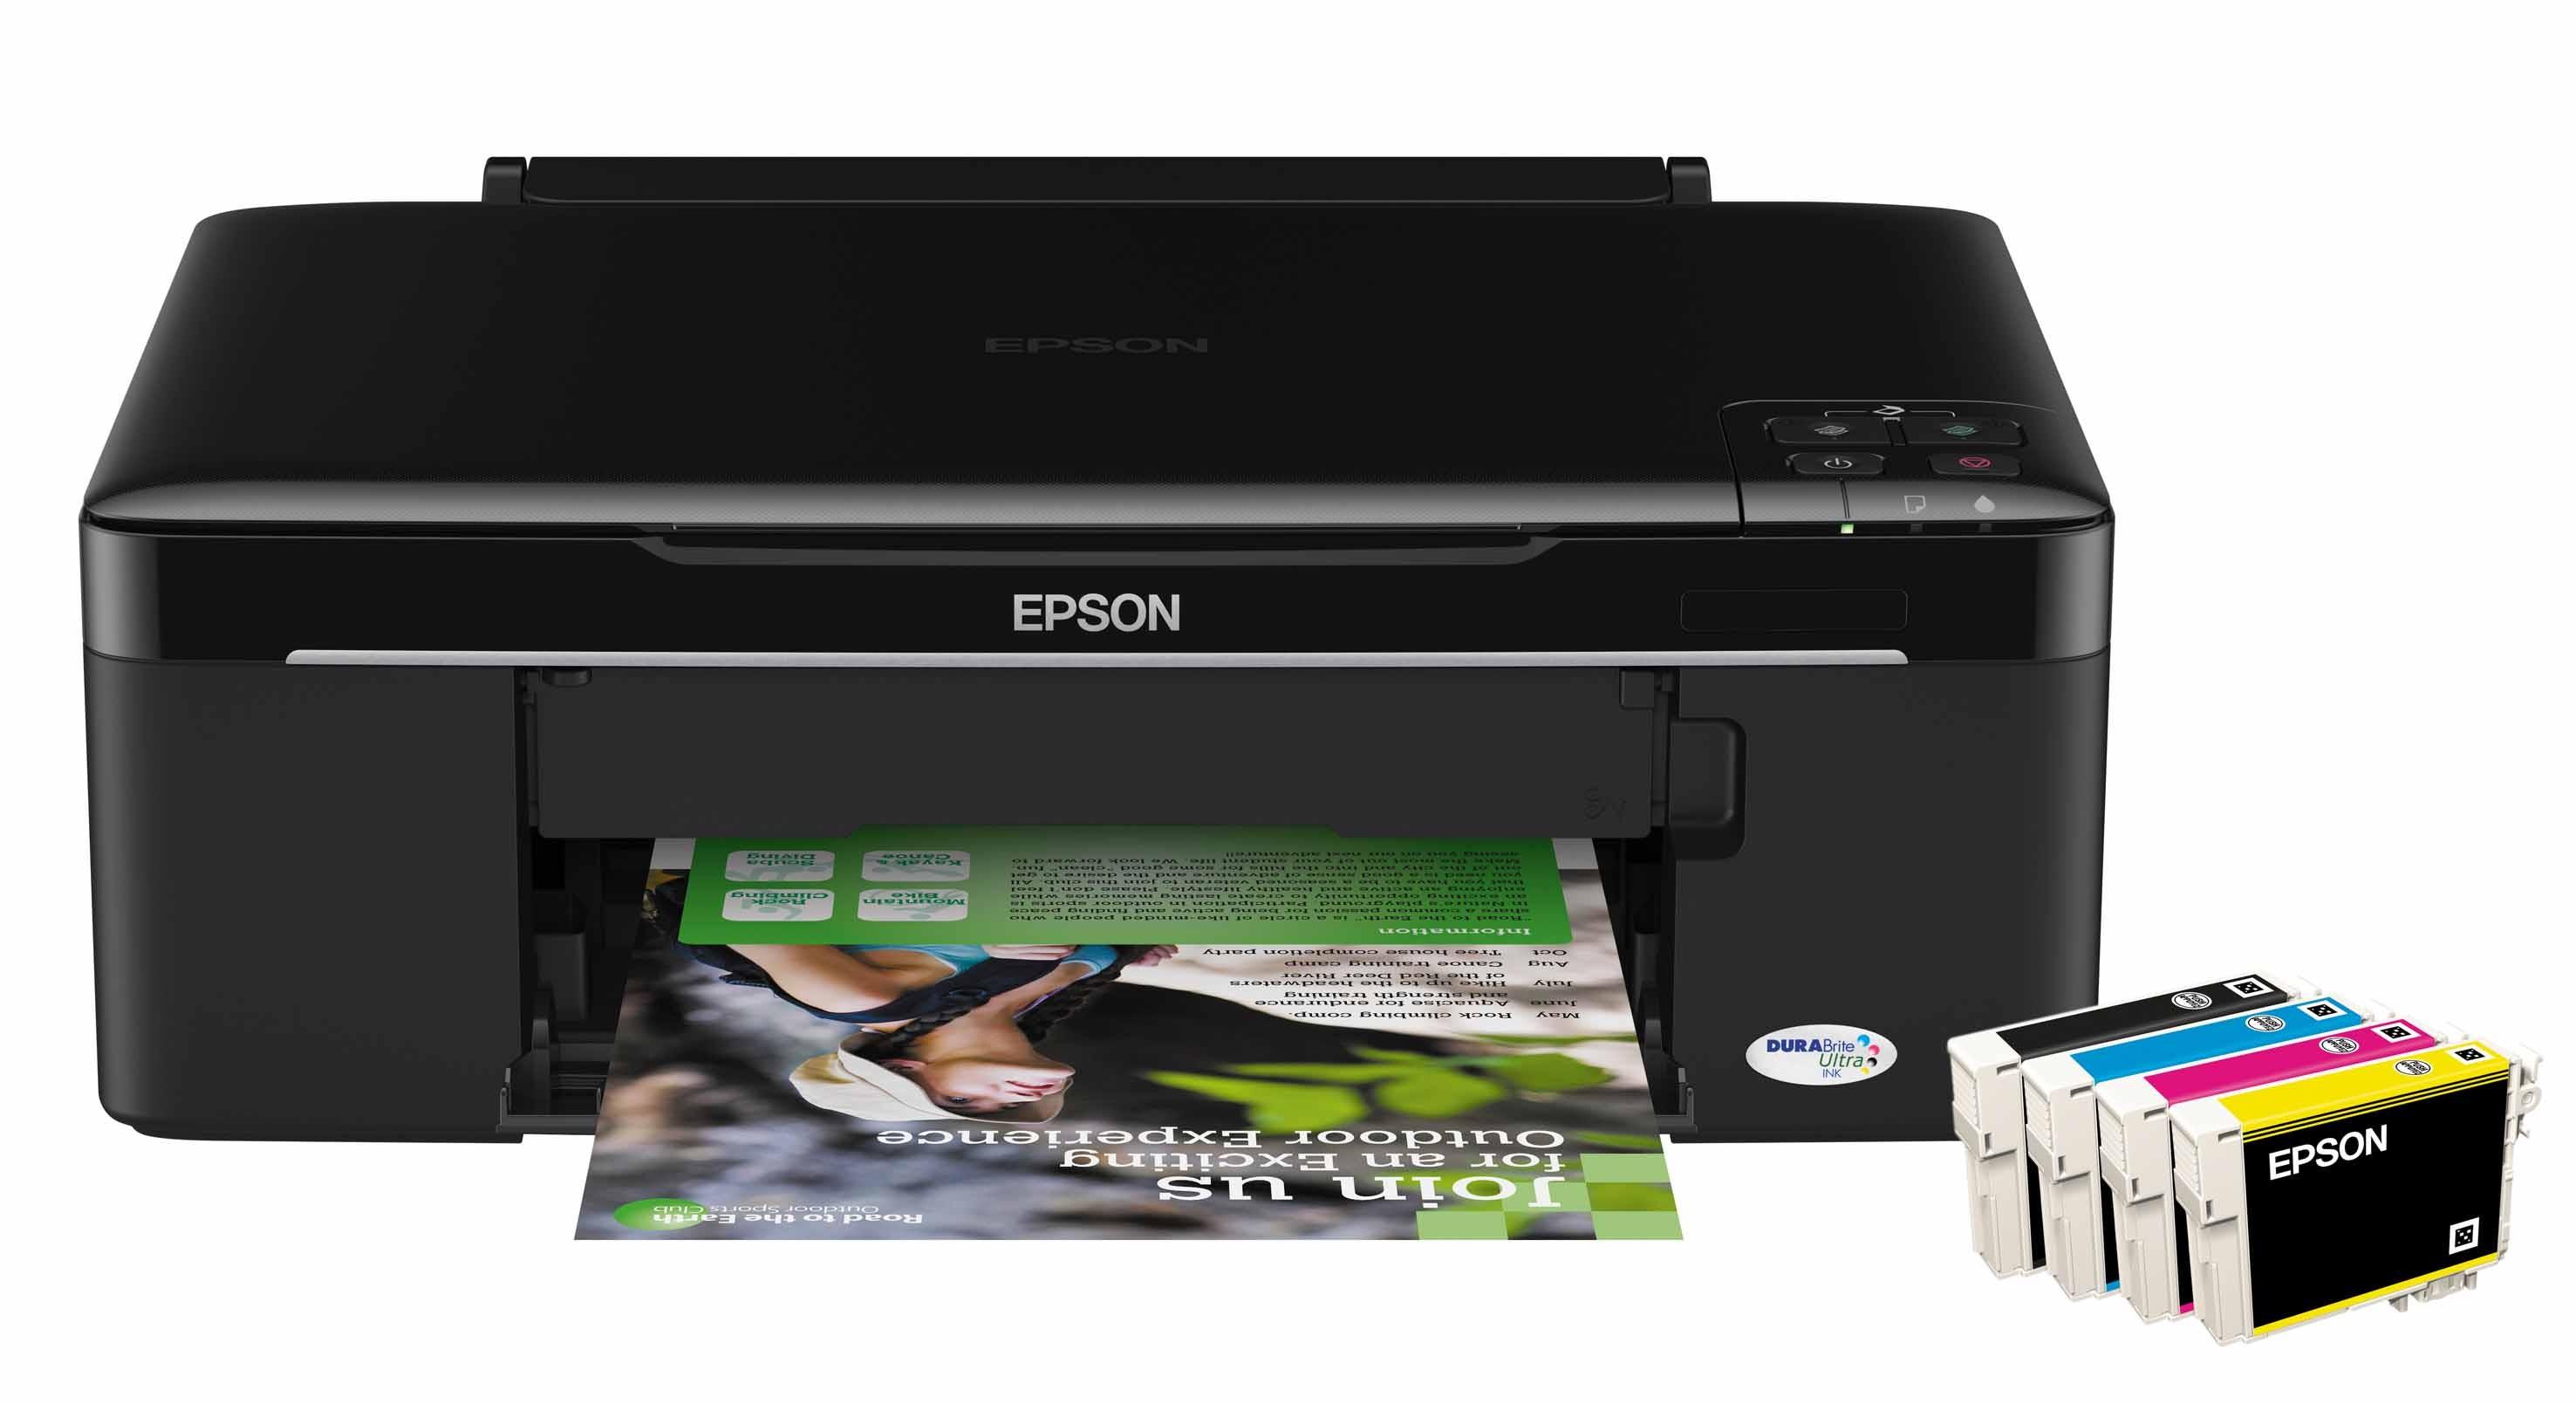 Скачать драйвер Epson SX125, S22